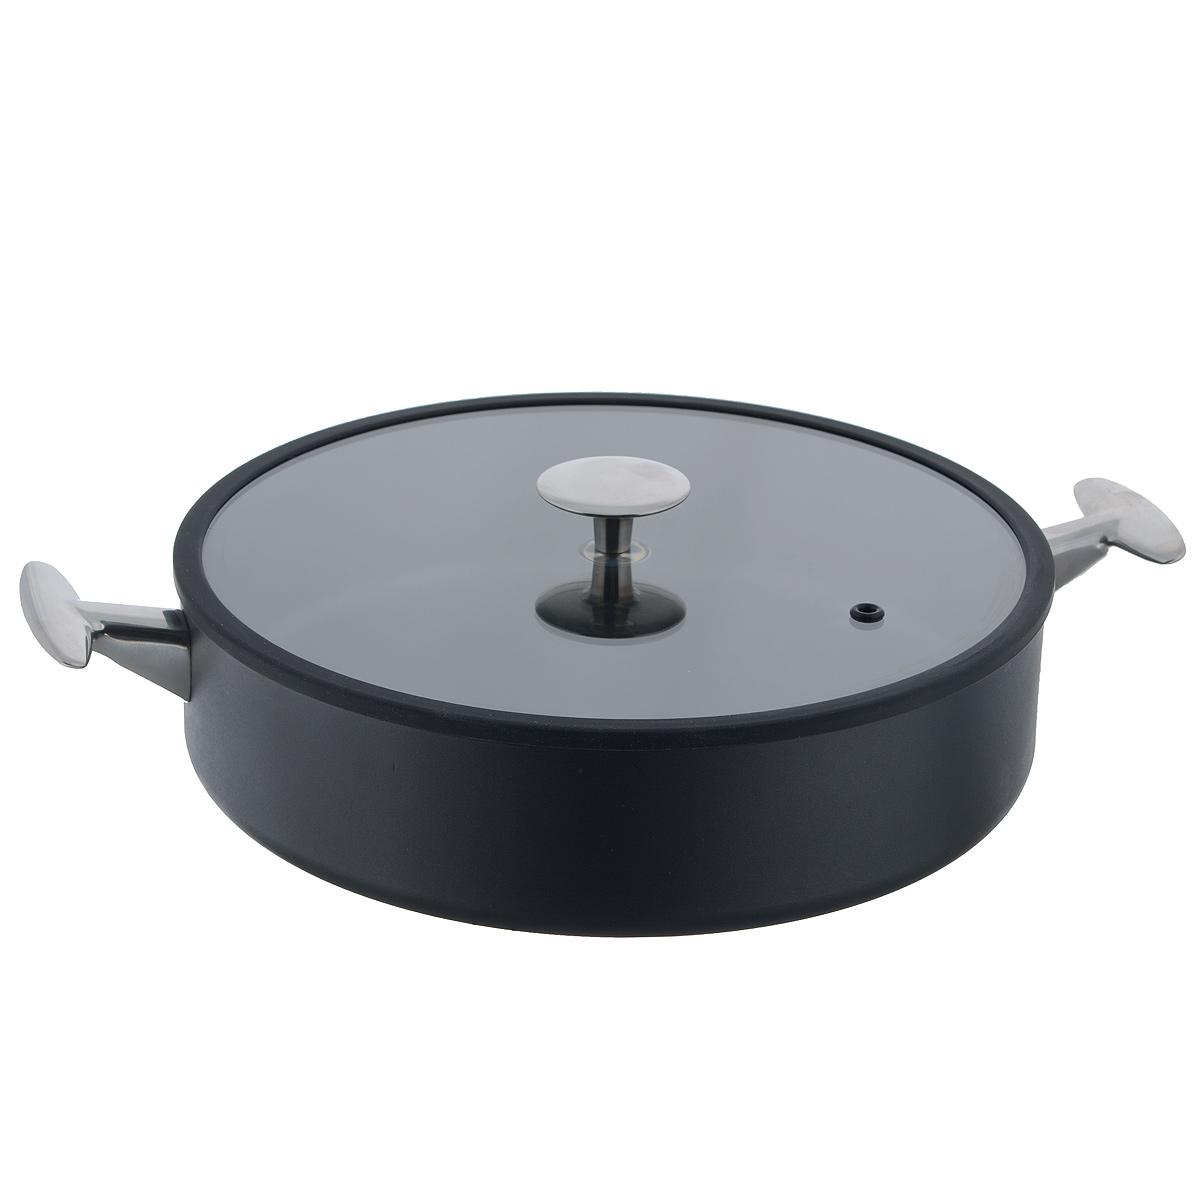 Сотейник с крышкой TVS Maestrale, с антипригарным покрытием, цвет: черный. Диаметр 28 см1V808283310001Сотейник TVS Maestrale выполнен из алюминия с внешним лаковым покрытием черного цвета и обладает превосходной теплопроводностью. Внутреннее антипригарное покрытие Toptec позволяет готовить пищу с минимальным использованием масла. Прочная поверхность сотейника не боится механических повреждений. Эргономичные ручки, изготовленные из нержавеющей стали, имеют плавные формы, которые подчеркивают стиль сотейника. Крышка, изготовленная из закаленного стекла имеет силиконовый уплотнитель, благодаря чему идеально прилегает к сотейнику и обеспечивает равномерное распределение температуры внутри него. Сотейник TVS Maestrale изготовлен из экологичных материалов, что делает его пригодным для приготовления пищи детям. Подходит для всех видов плит, включая индукционные. Сотейник TVS Maestrale можно использовать в духовому шкафу. Максимальная температура 230°С. Можно мыть в посудомоечной машине. Особенностью коллекции Maestrale является...